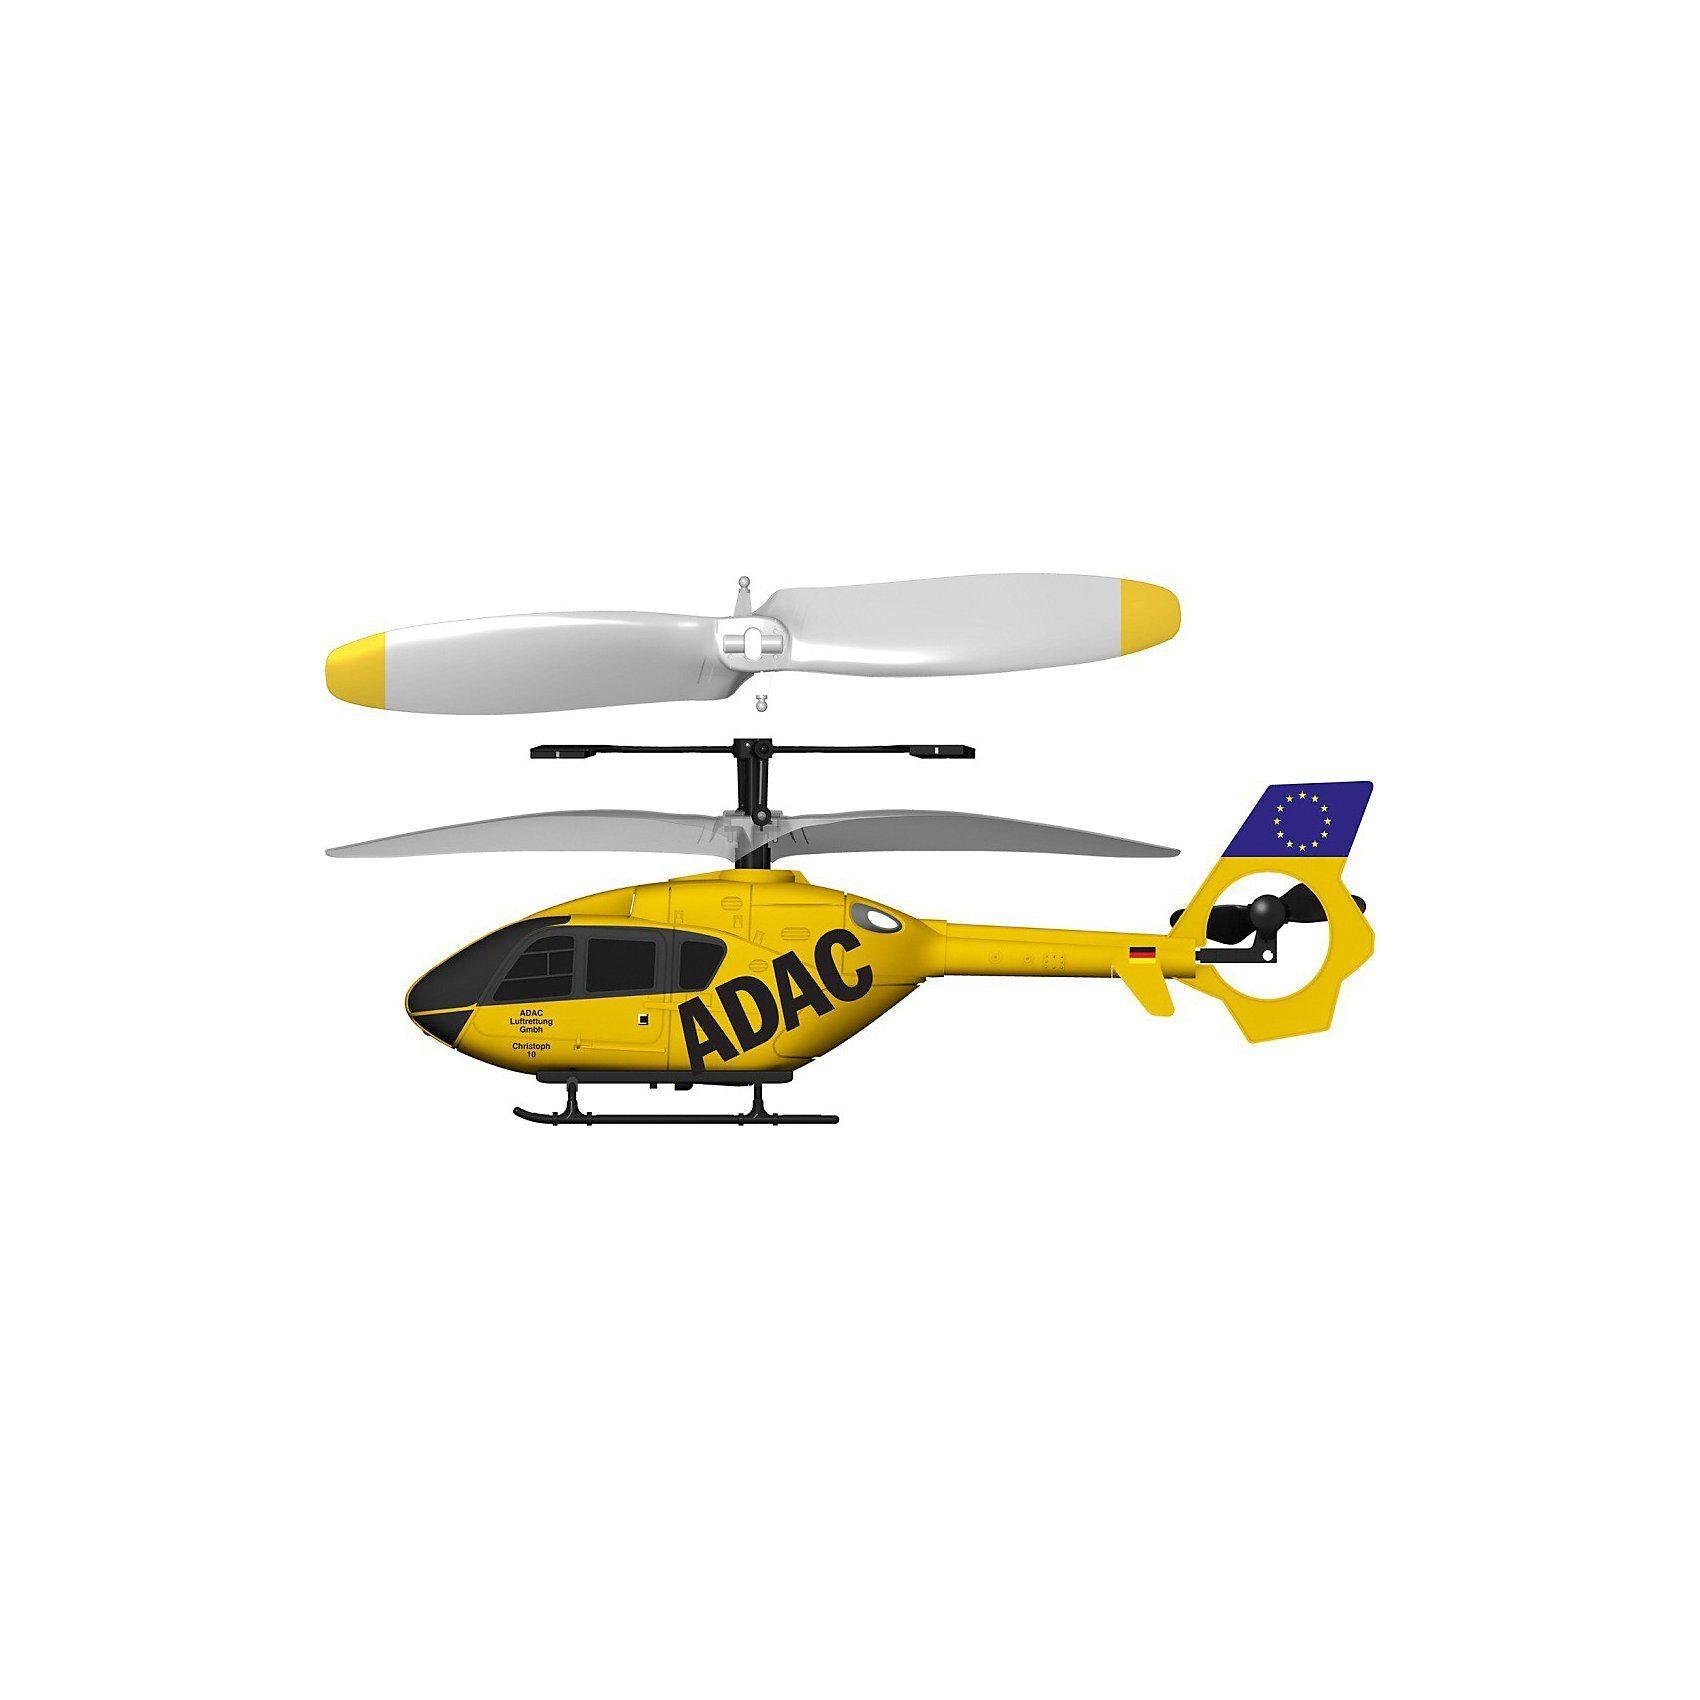 Silverlit IRC Helikopter Eurocopter EC135 deutscher ADAC